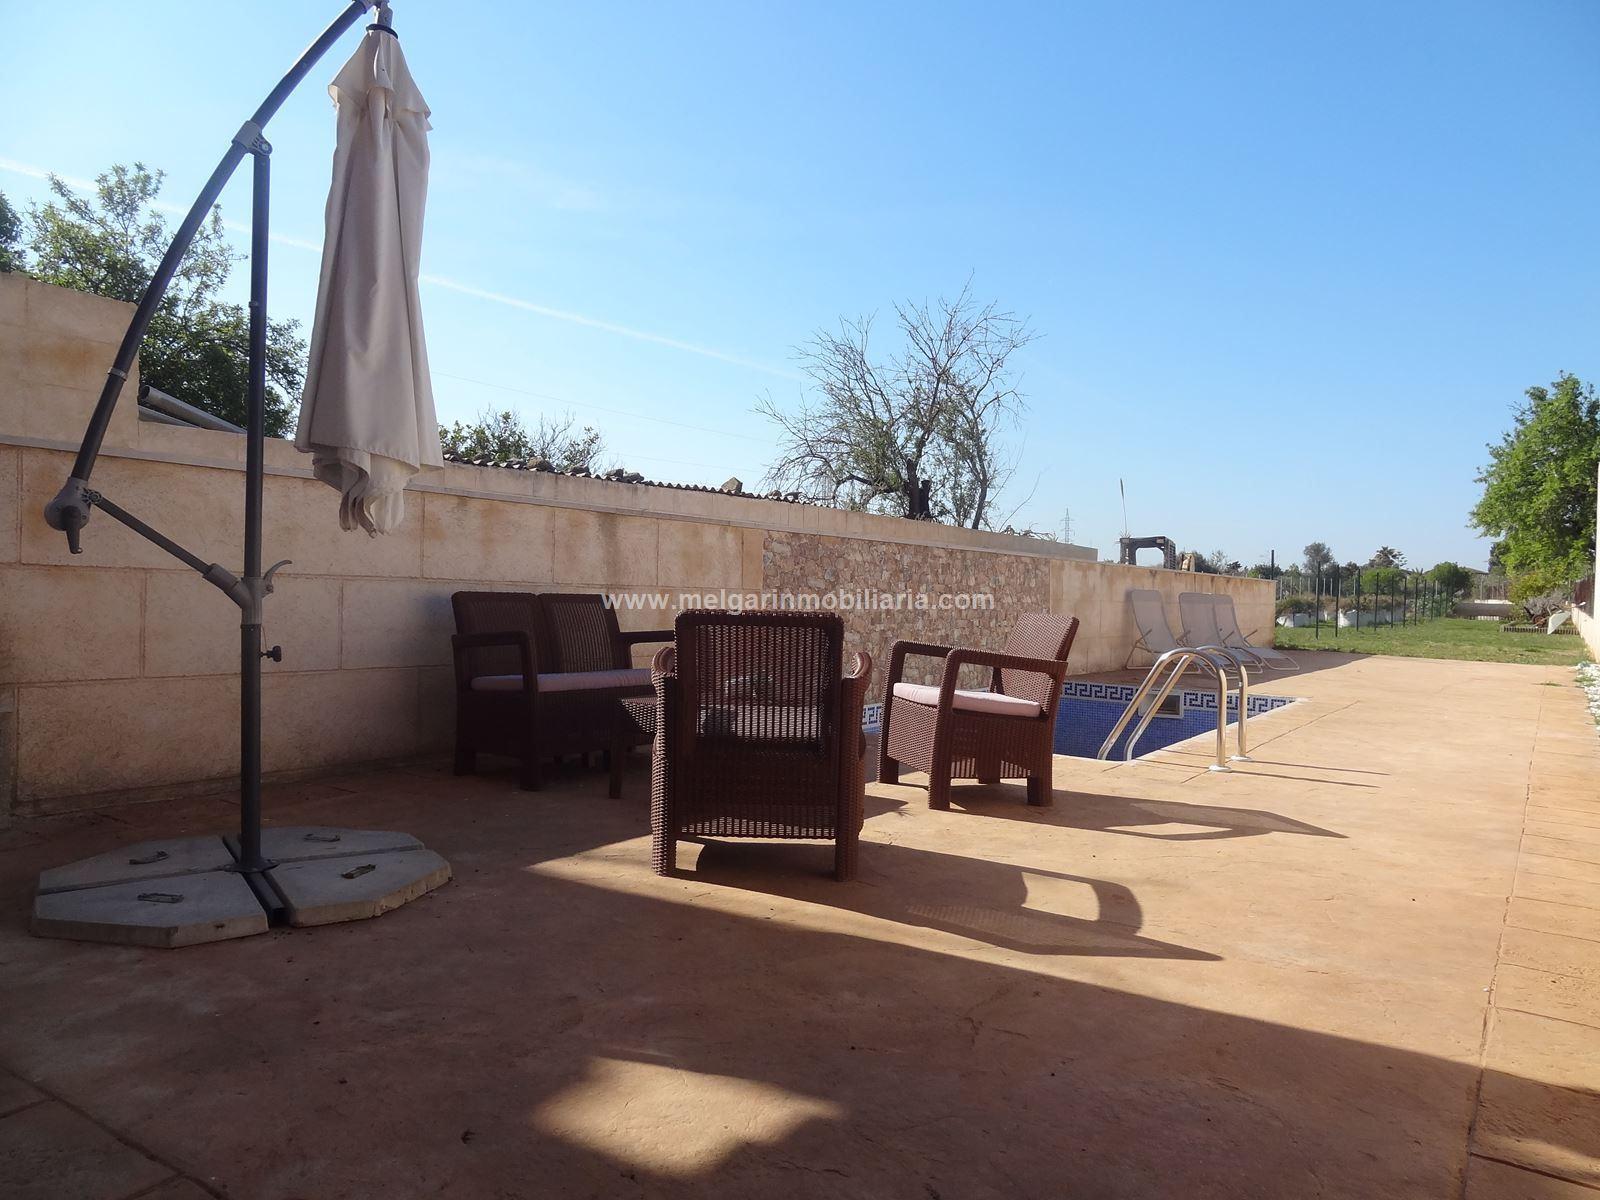 Haus  Camino vecinal de biniagual, 14. Directo promotor pareado alta caldad  cuota  cuota 1.378.-€